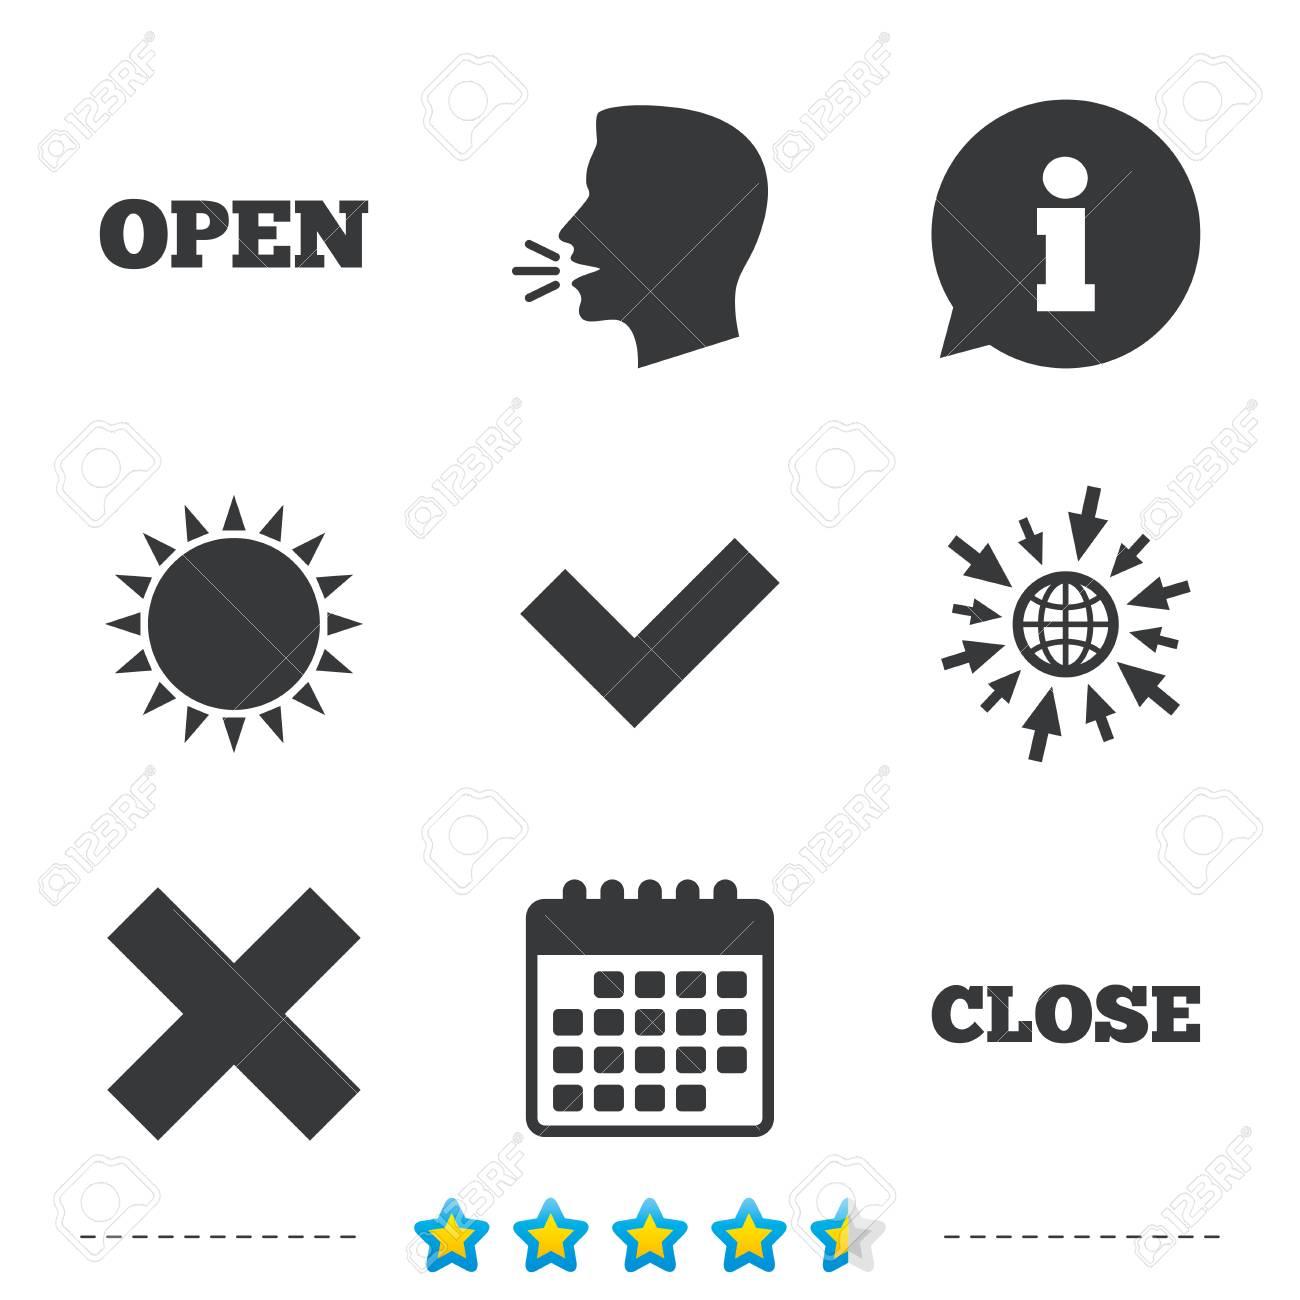 Apri Il Calendario.Apri E Chiudi Le Icone Seleziona O Seleziona Elimina I Segni Di Rimozione Si Correggere E Cancellare Il Simbolo Informazioni Vai A Icone Web E